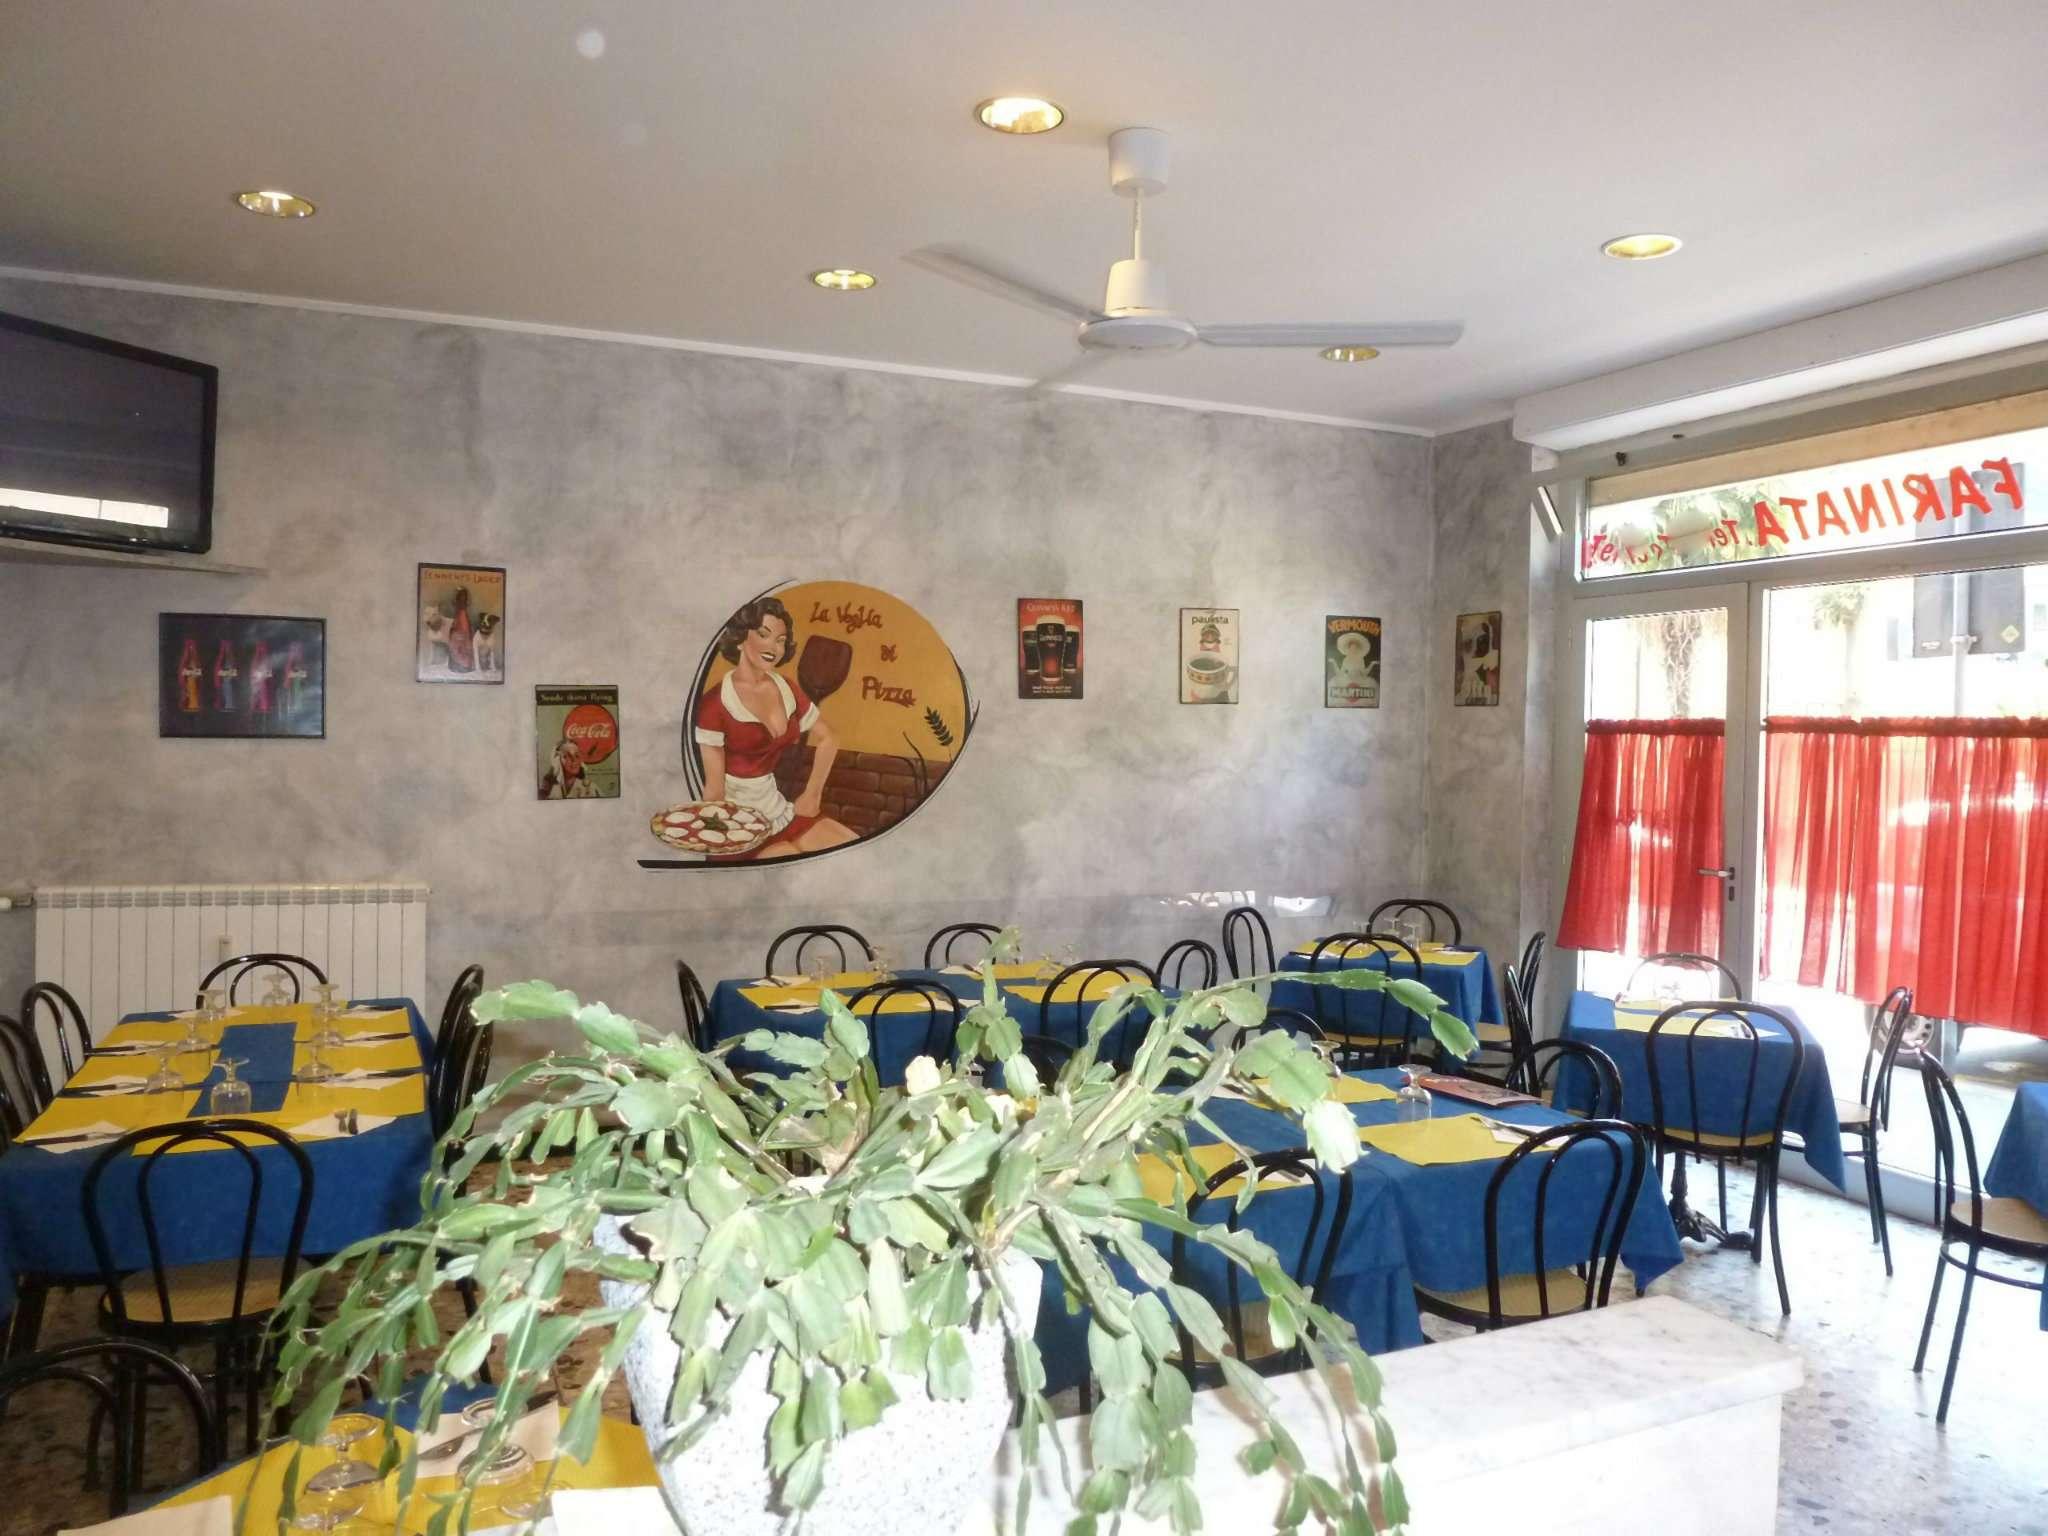 Ristorante / Pizzeria / Trattoria in vendita a Campomorone, 2 locali, prezzo € 80.000 | CambioCasa.it